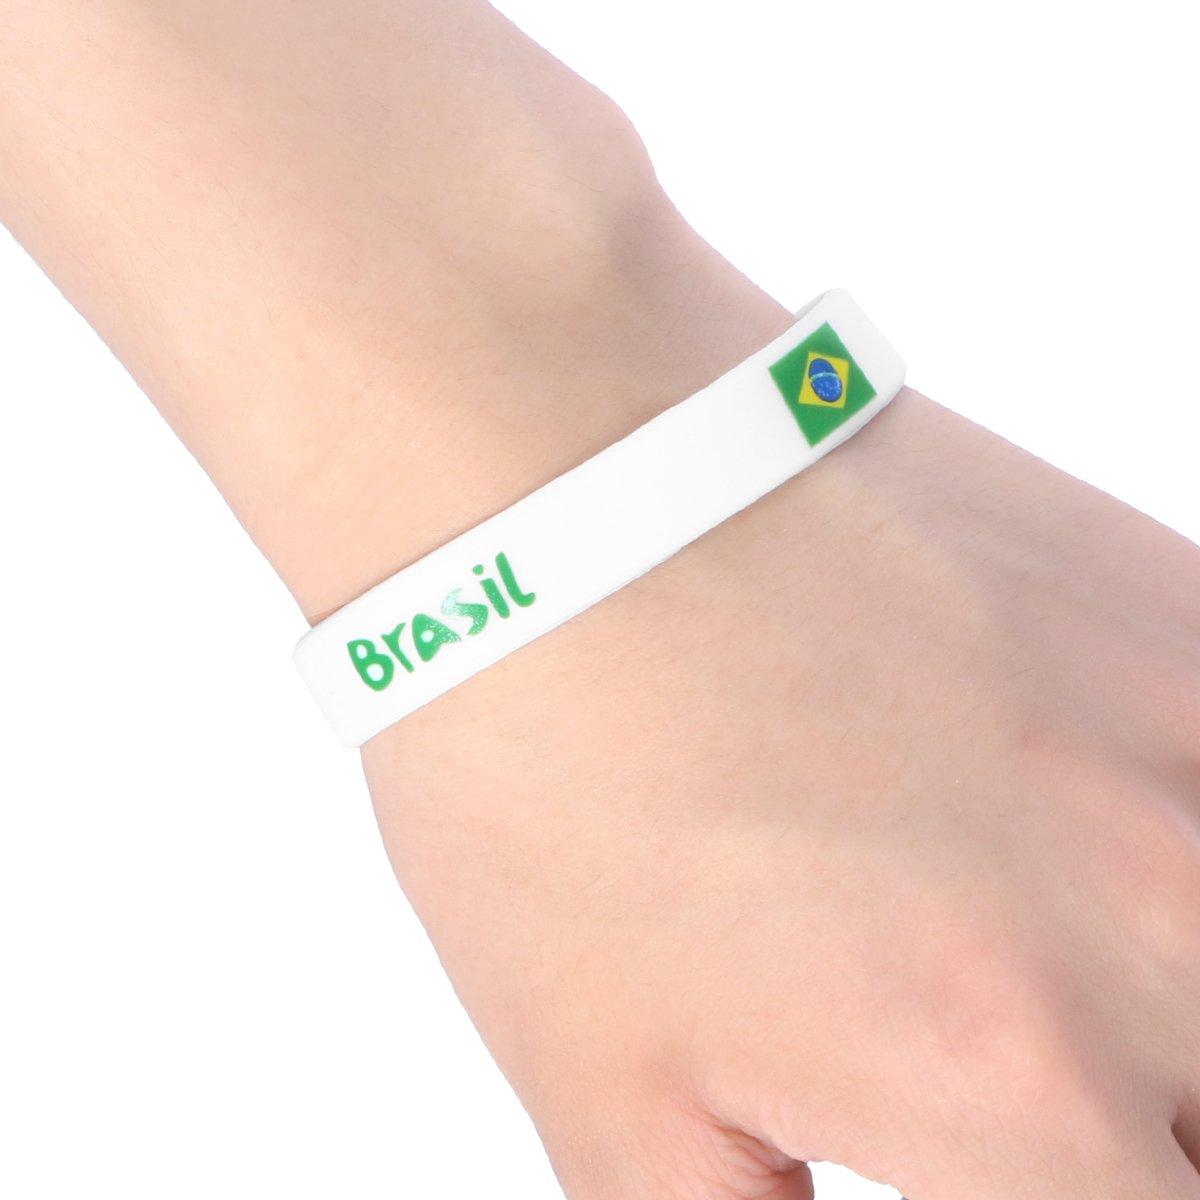 LUOEM 6Pcs Bracciali con bandiera Nigeria Braccialetto in silicone Braccialetto Nazione Coppa del mondo di calcio FIFA world cup 2018 Nigeria